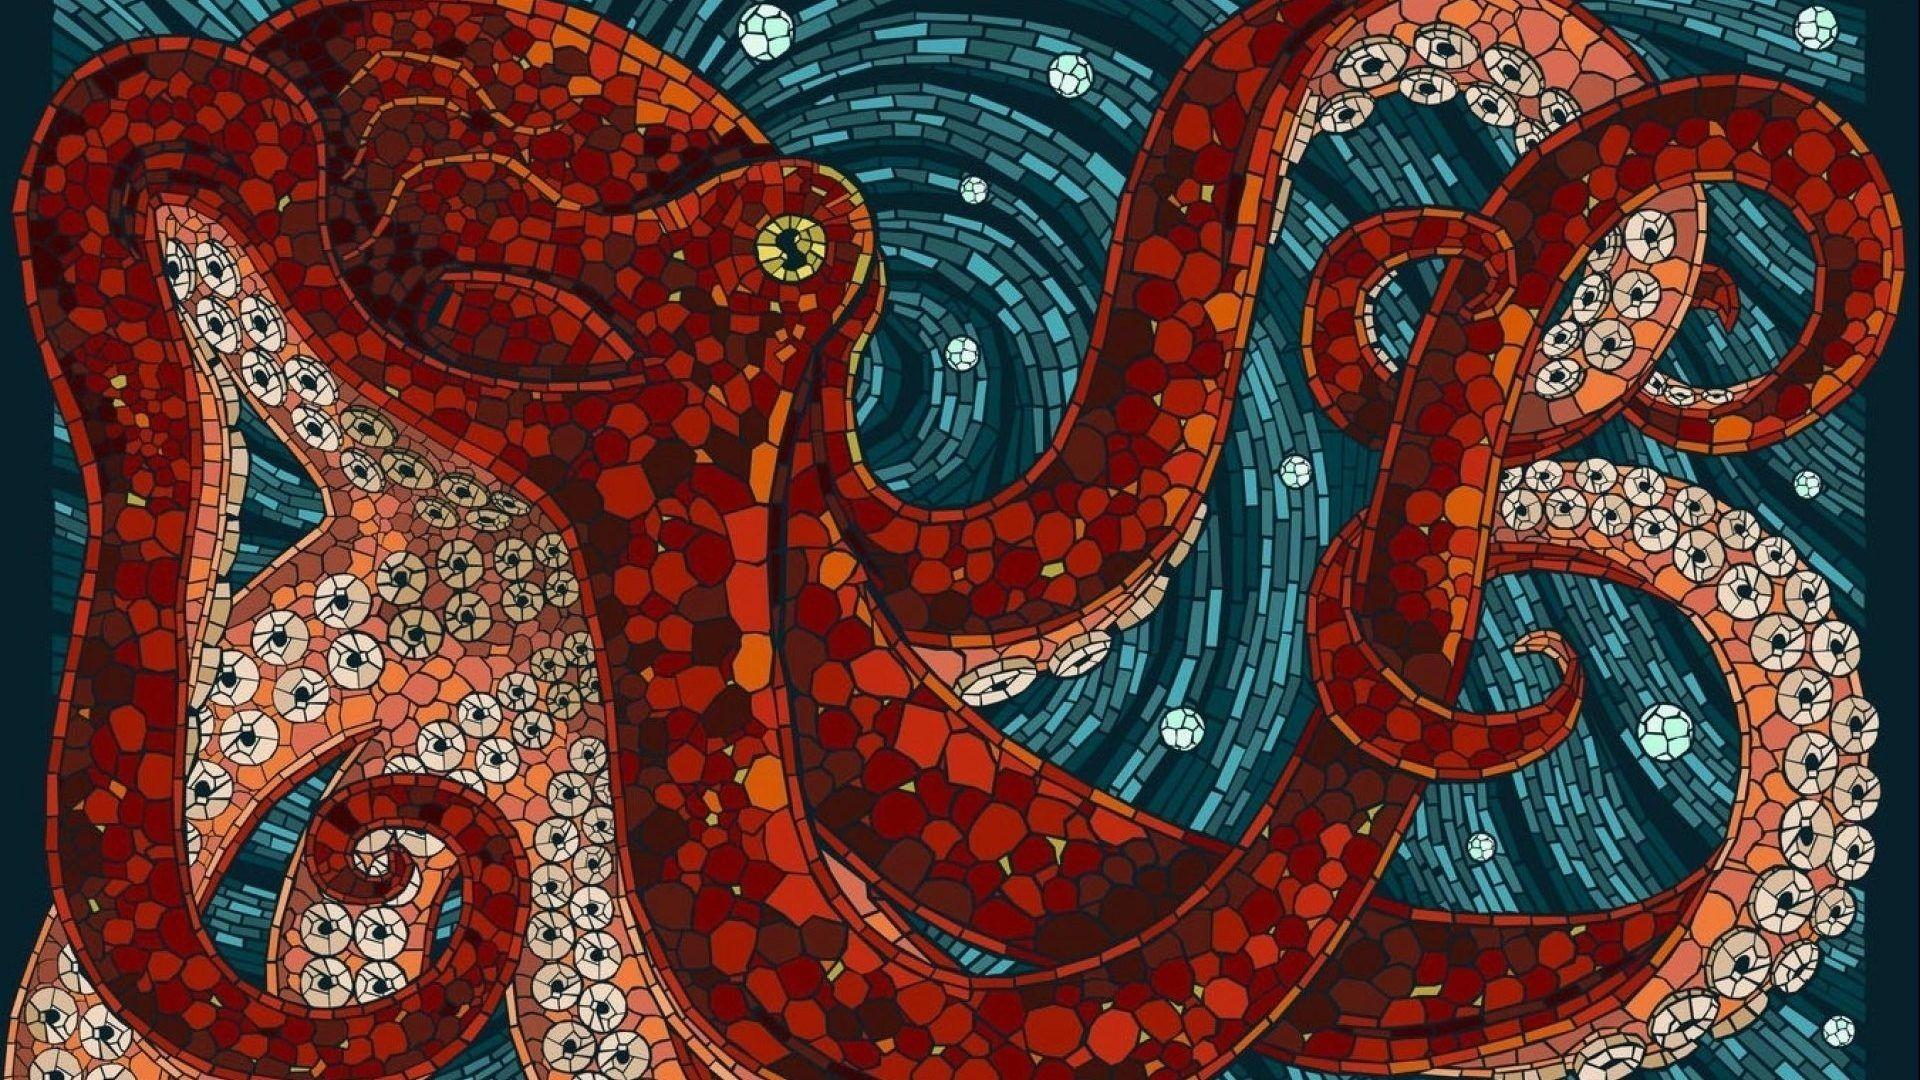 … hd wallpaper – Fishes Sealife Octopus Ocean Sea Underwater Art Artwork  Koi Fish. Download